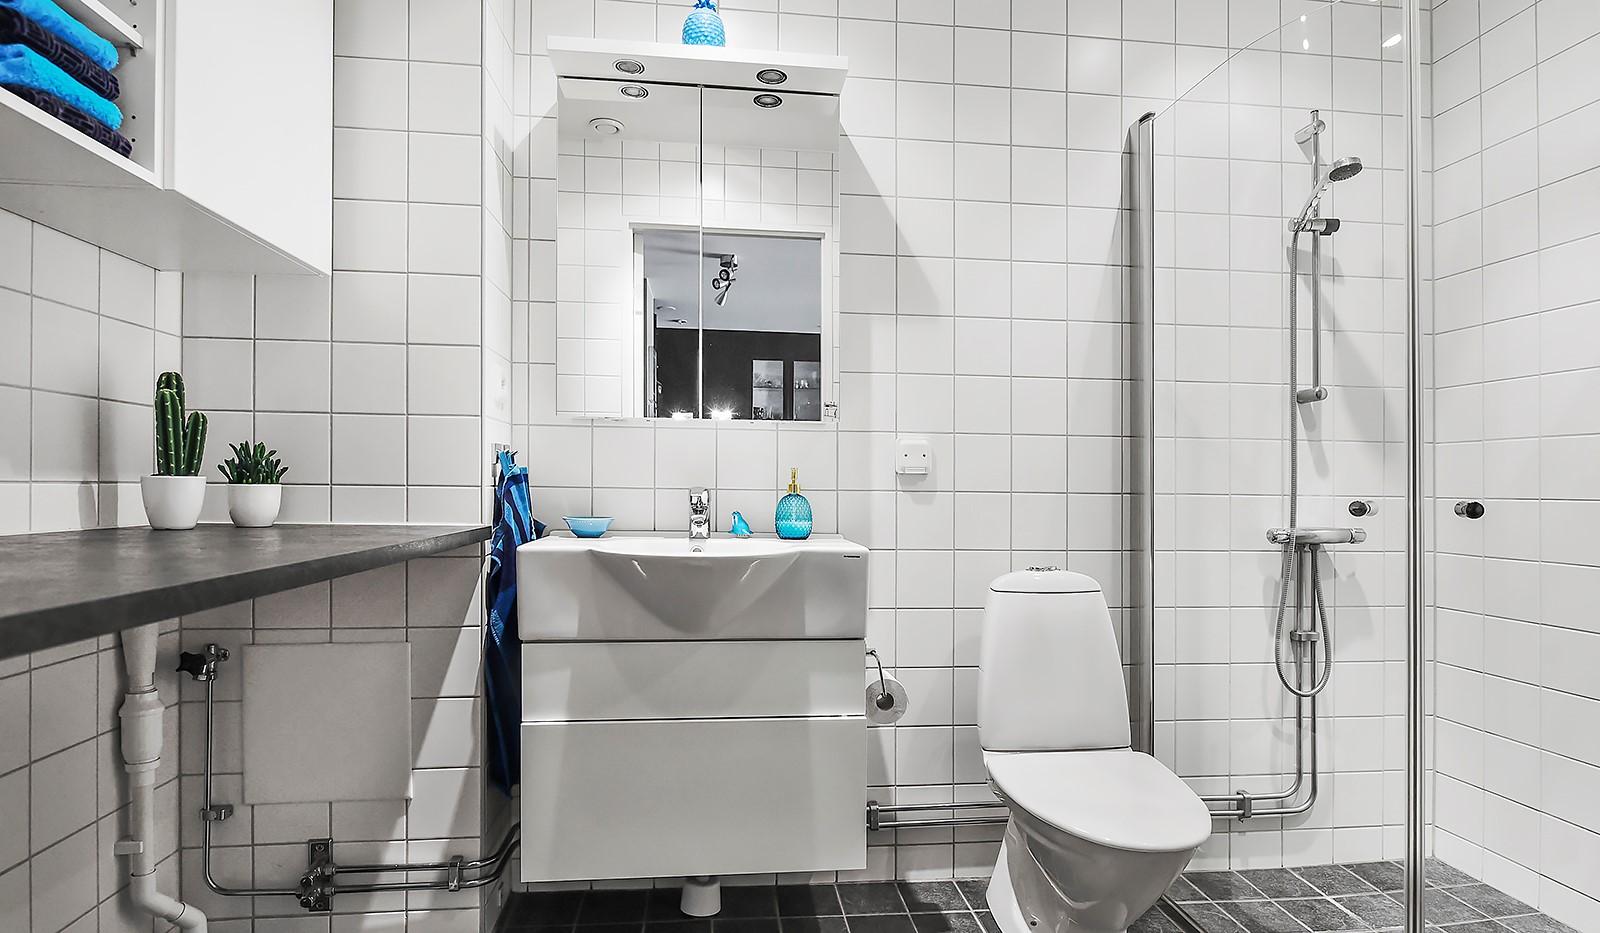 Hildebergsvägen 8, 5 tr - Fint helkaklat badrum